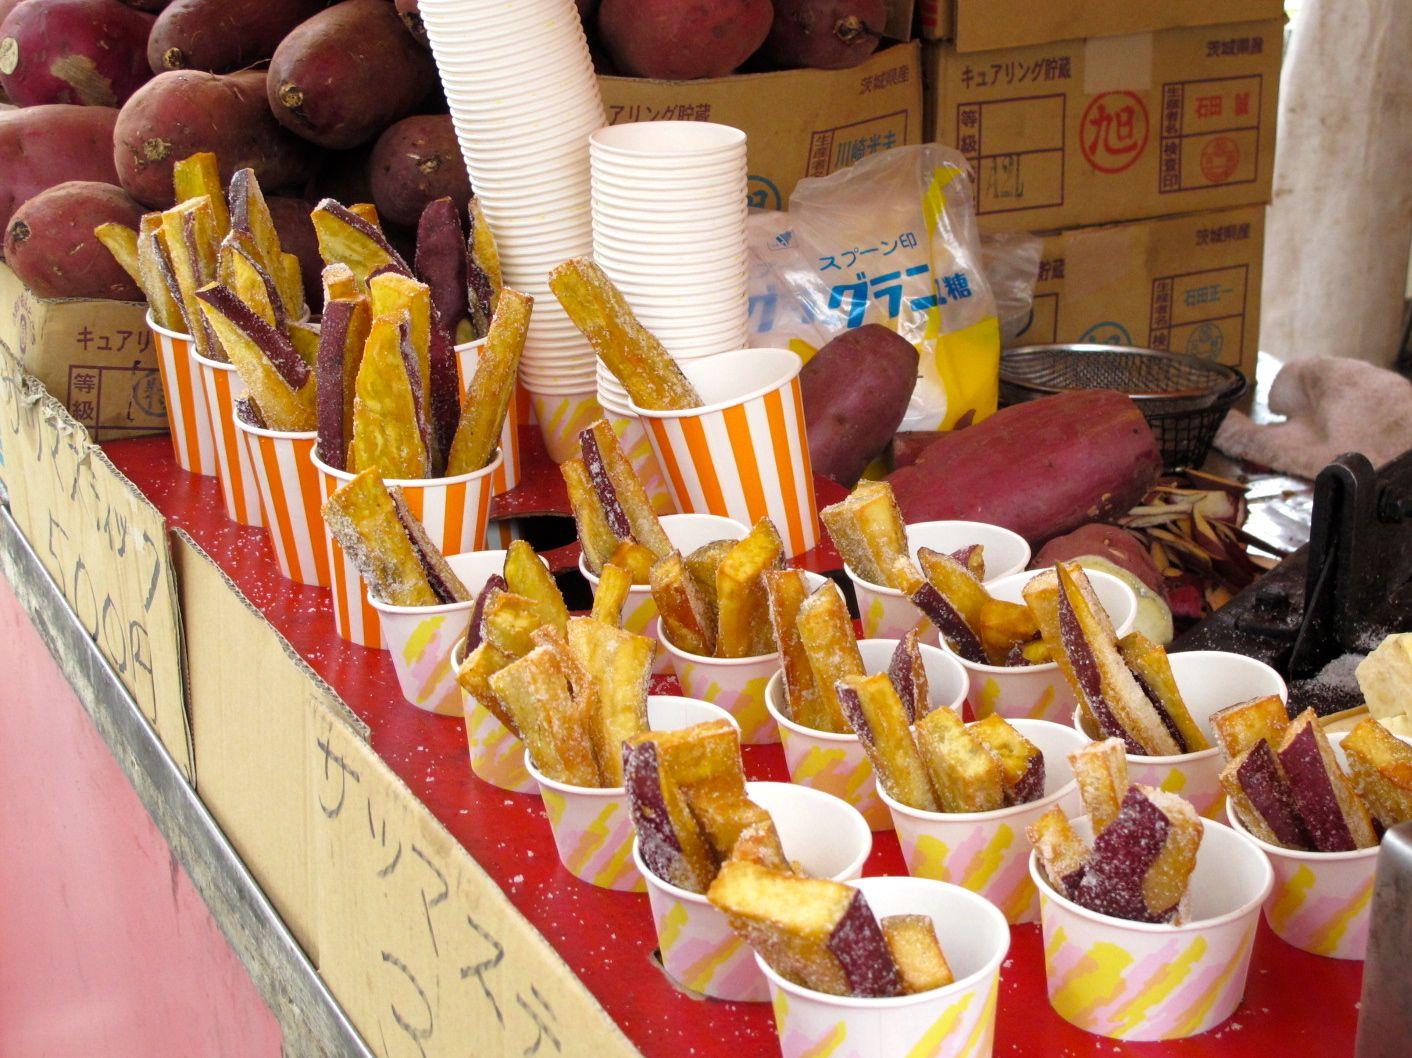 Fast Food On Maple Street